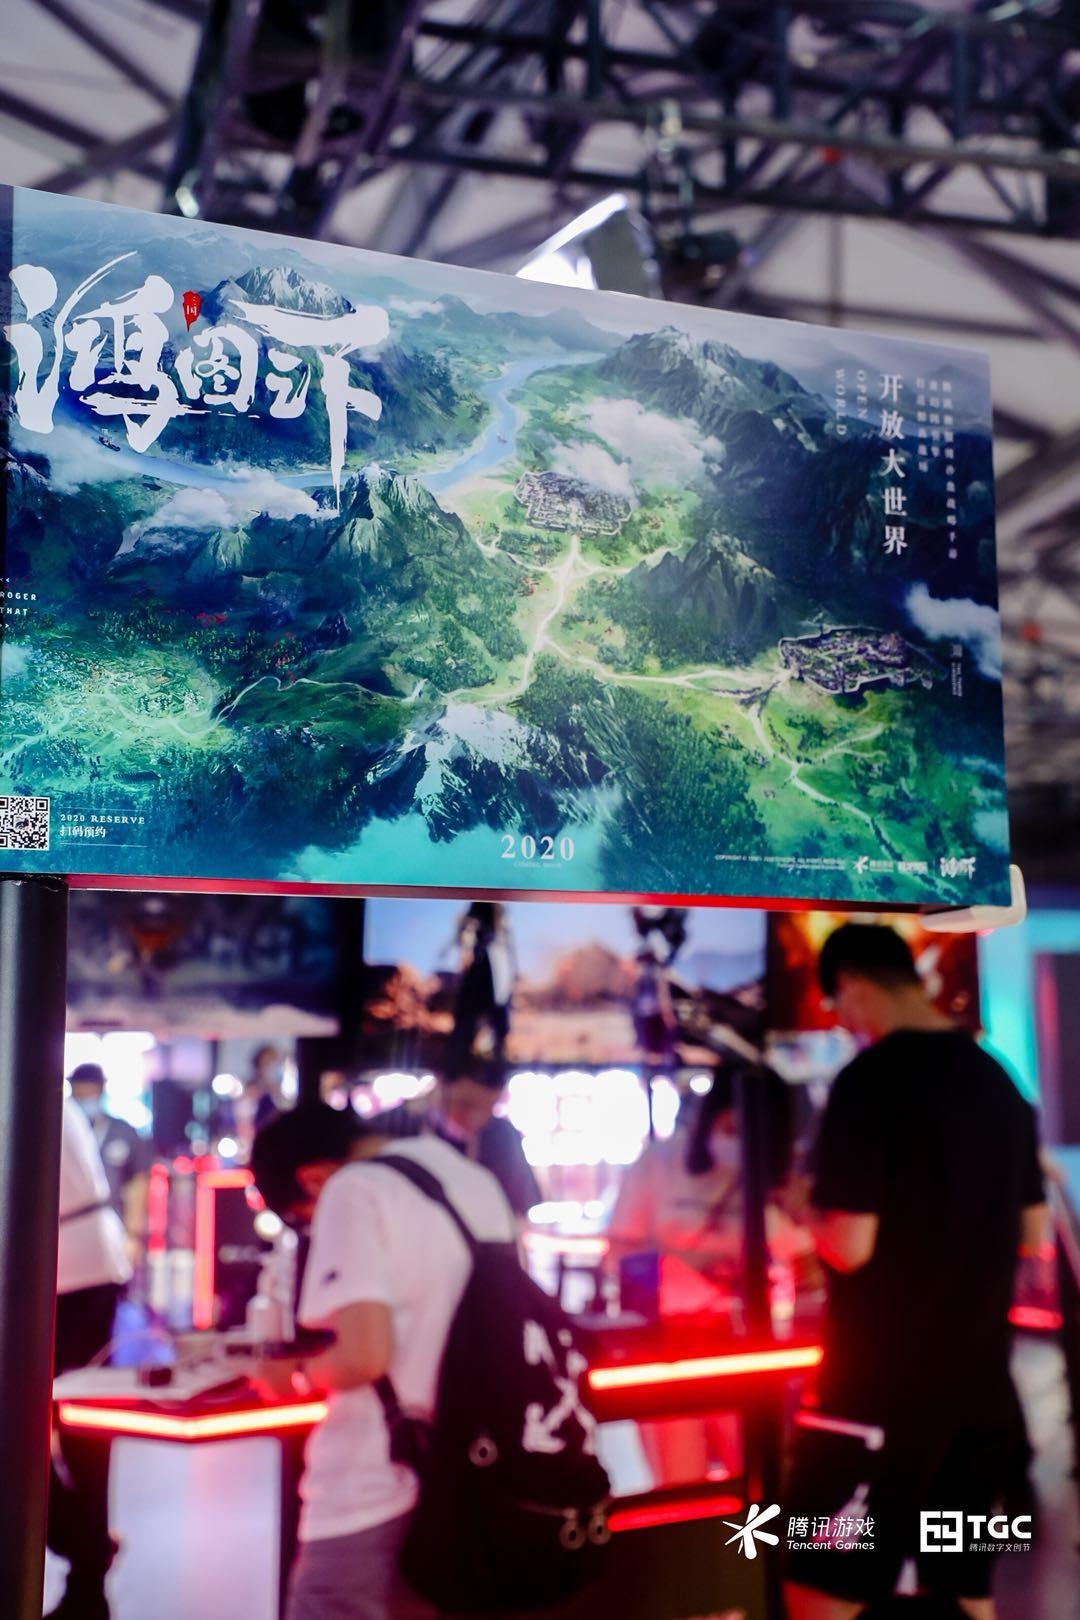 次世代全3D沙盘战略手游《鸿图之下》参展ChinaJoy